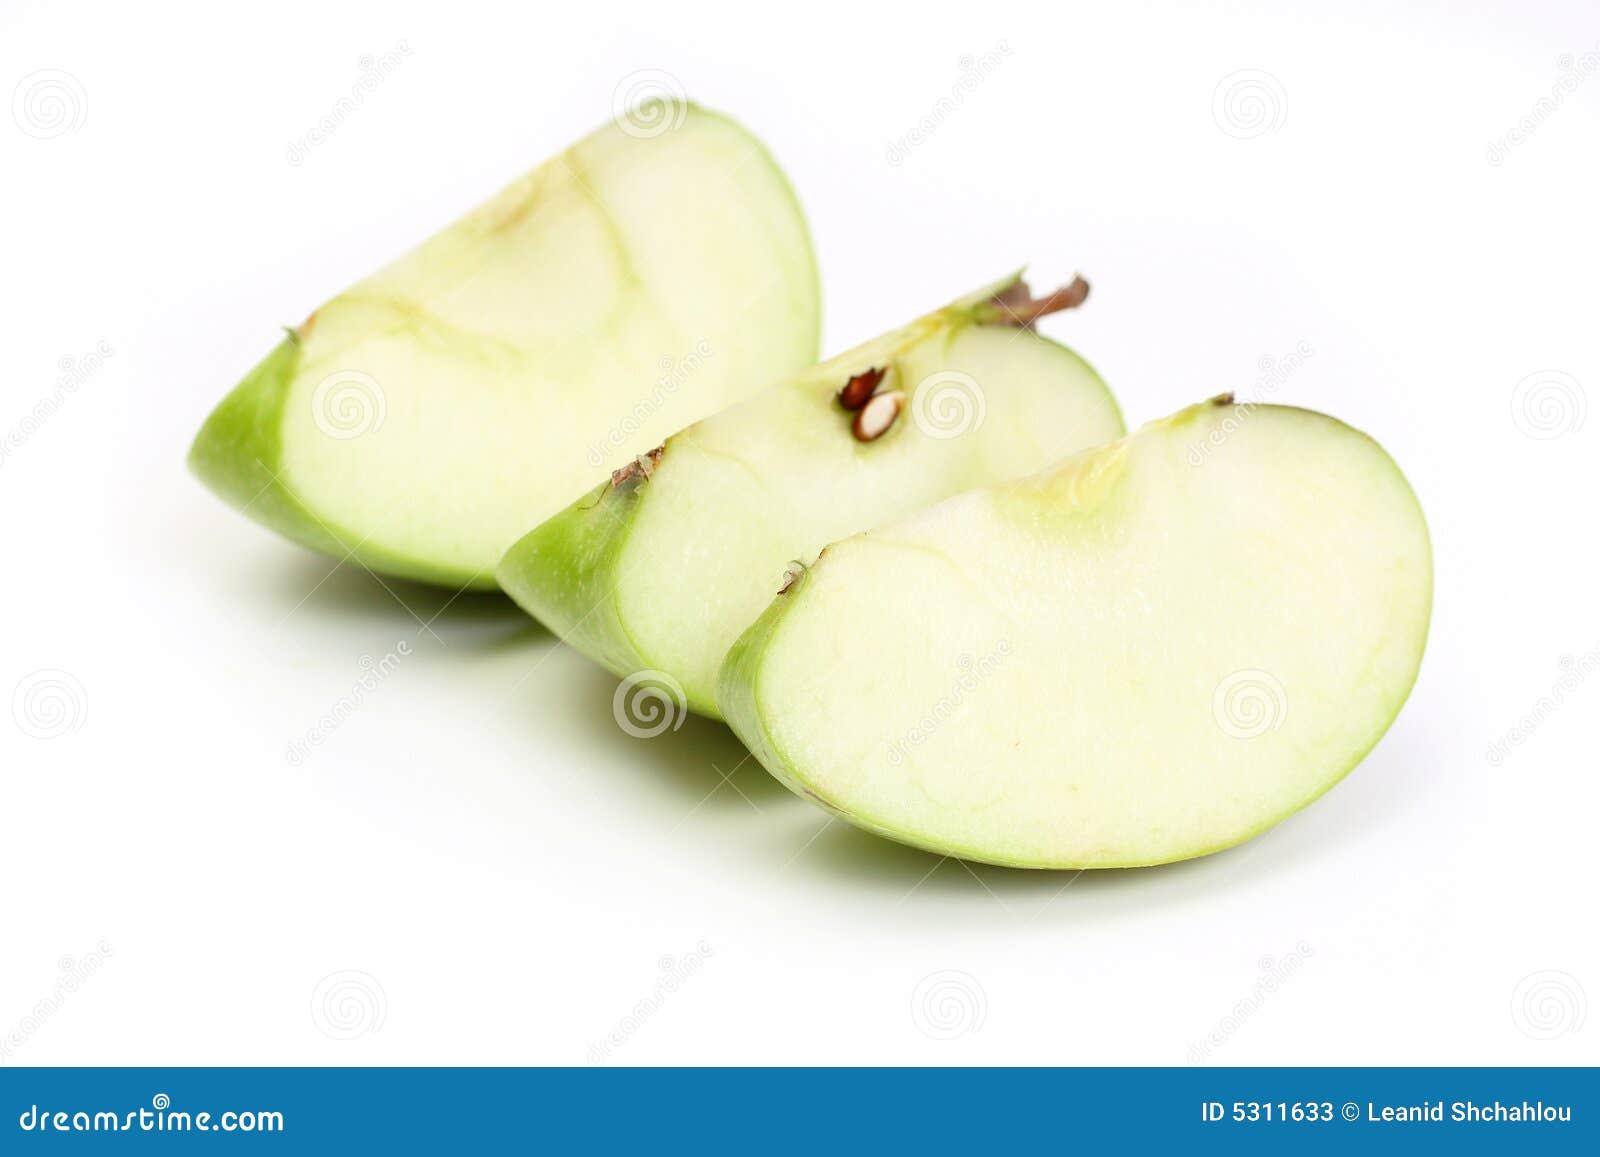 Download Fetta tre una mela verde immagine stock. Immagine di antipasto - 5311633